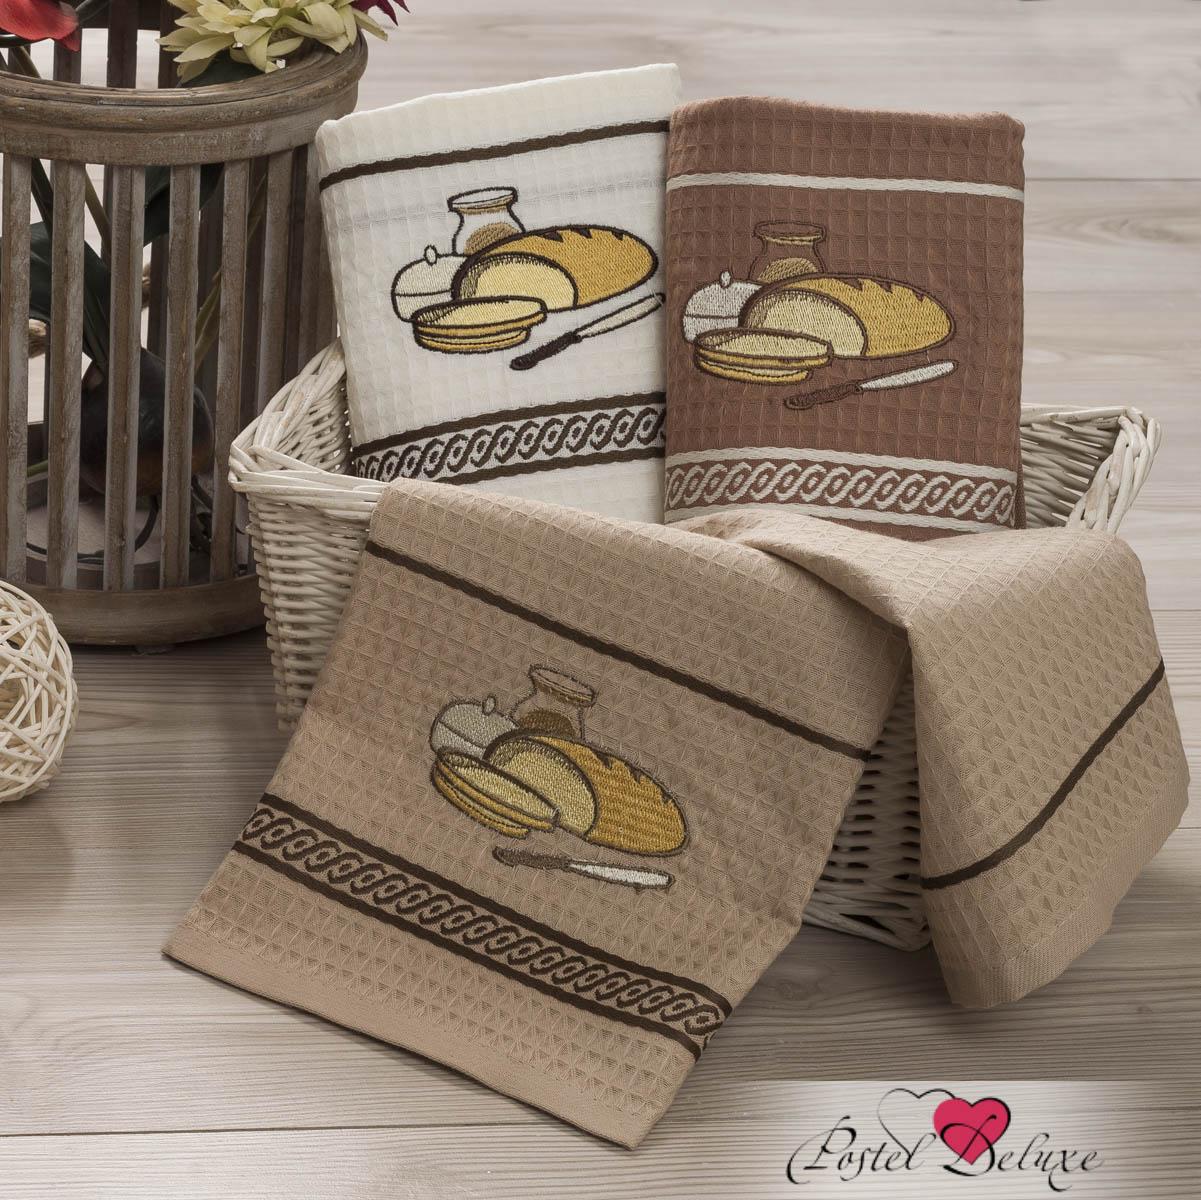 Кухонный набор KarnaКухонные наборы<br>Производитель: Karna<br>Страна производства: Турция<br>Материал: Вафля (100% Хлопок)<br>Размер: 40х60 см - 12 шт<br>Плотность: 250 г/м2<br>Особенности: Комплект украшен изящной вышивкой.<br>Упаковка: Полиэтиленовый пакет<br>Внимание! В набор входят полотенца трех разных цветов с вышивкой по 4 шт.<br><br>Тип: кухонный набор<br>Размерность комплекта: None<br>Материал: Вафля<br>Размер наволочки: None<br>Подарочная упаковка: None<br>Для детей: нет<br>Ткань: Вафля<br>Цвет: Кремовый